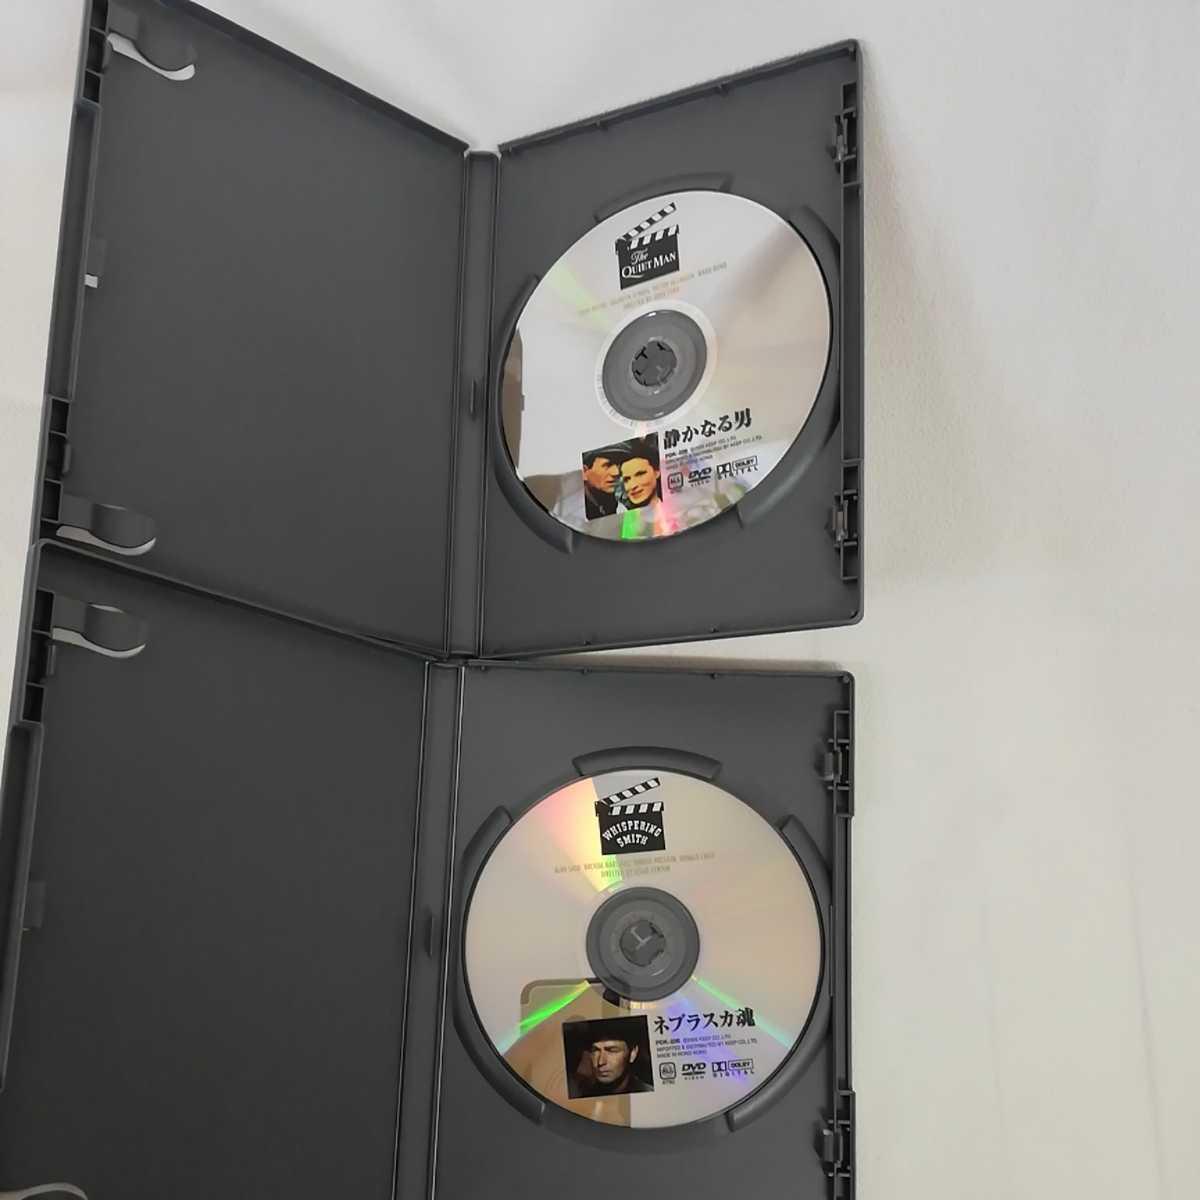 598 世界名作映画 水野晴郎のDVDで観る世界名作映画 など 洋画 15枚セット KEEP_画像6